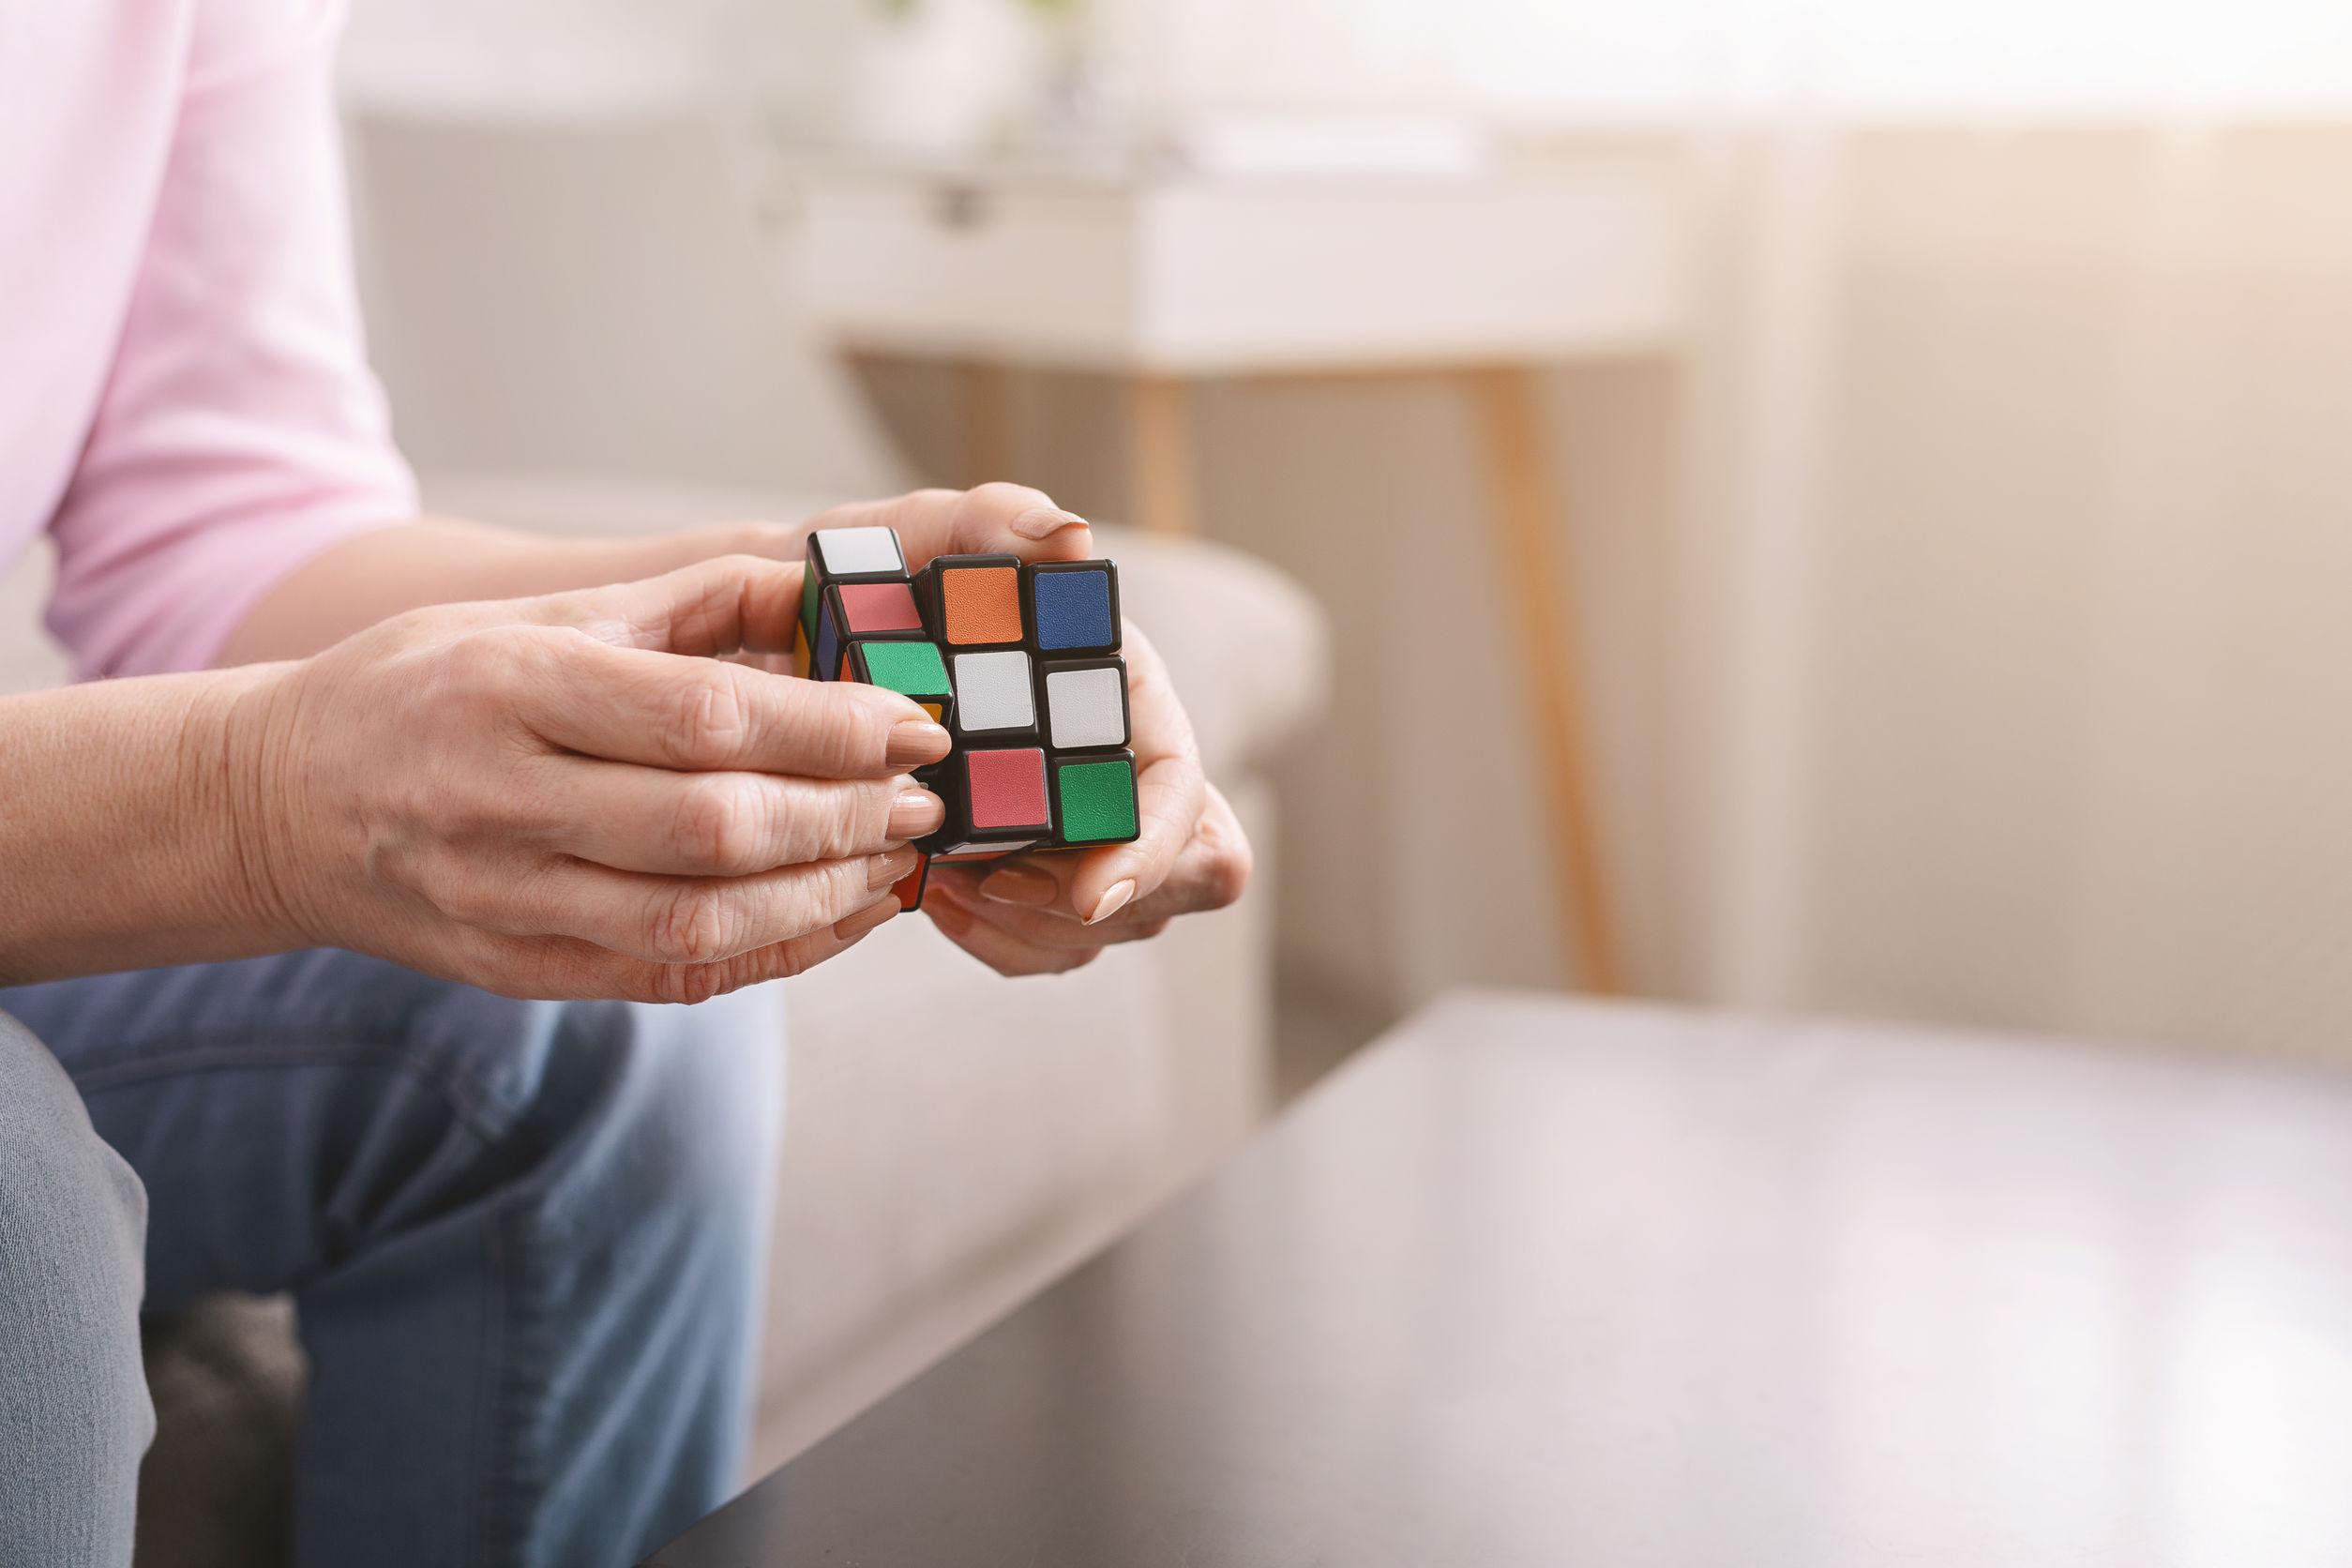 Anciana sosteniendo el cubo de Rubik y jugando con él en casa